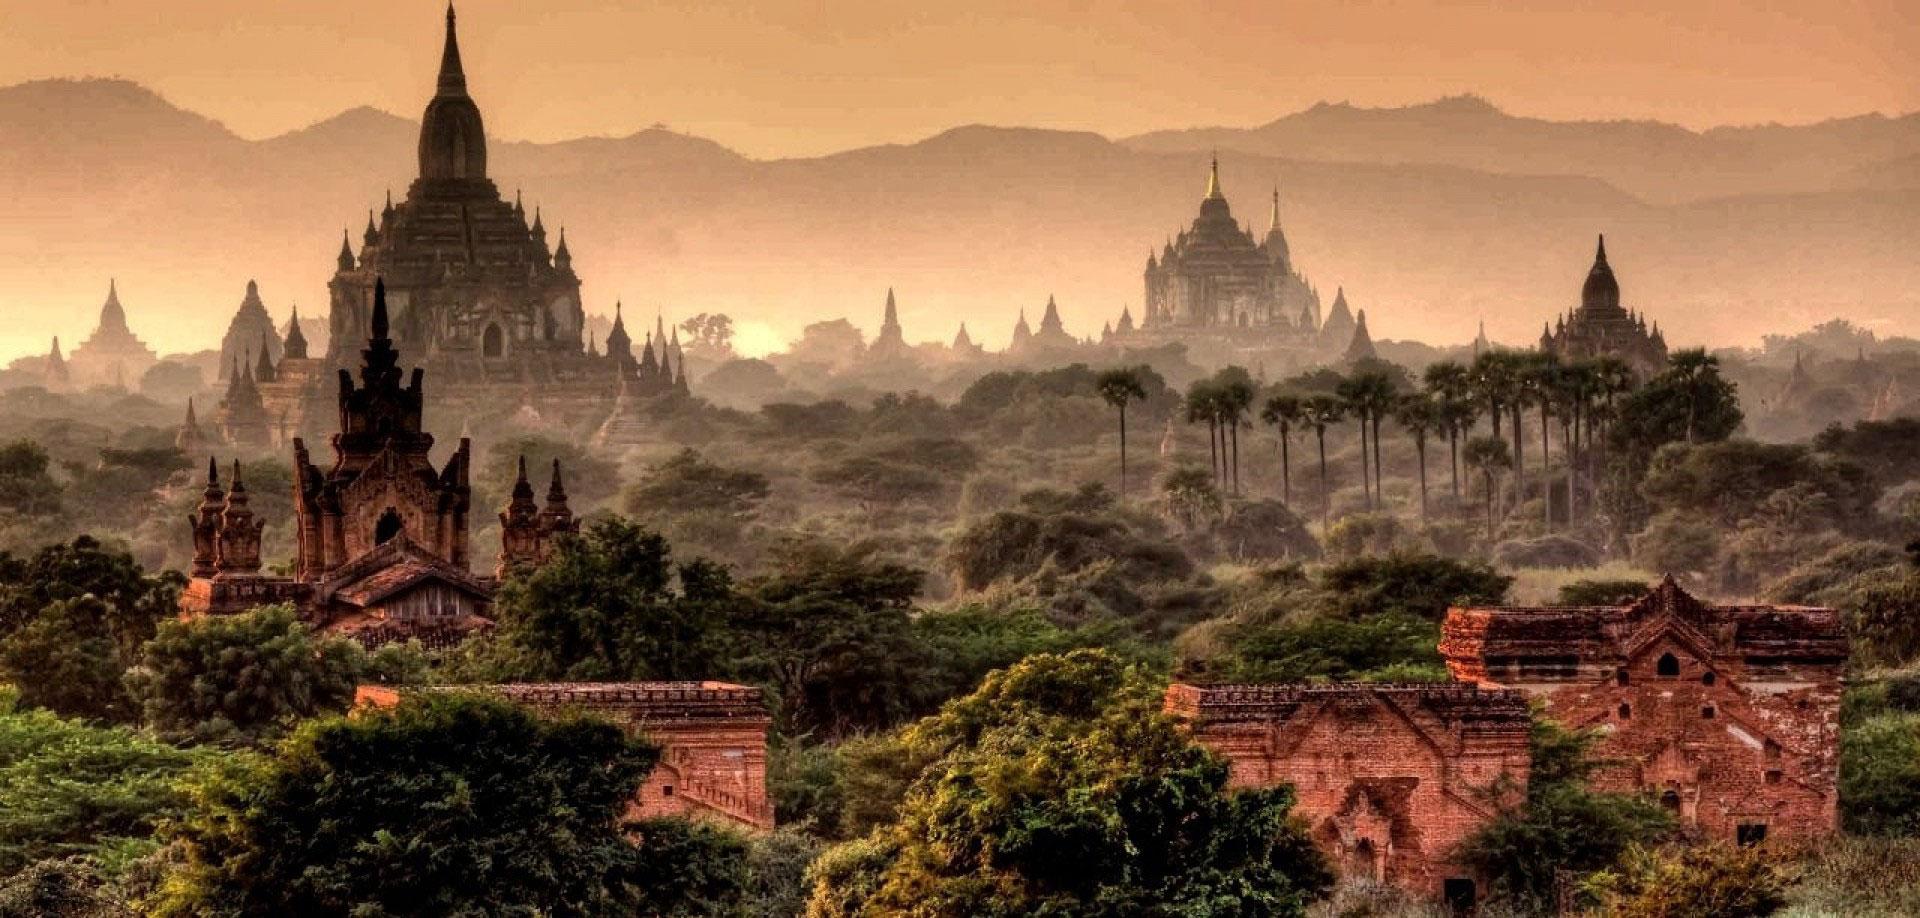 Atardecer-en-Bagan-un-lugar-lleno-de-historia-y-leyendas-2